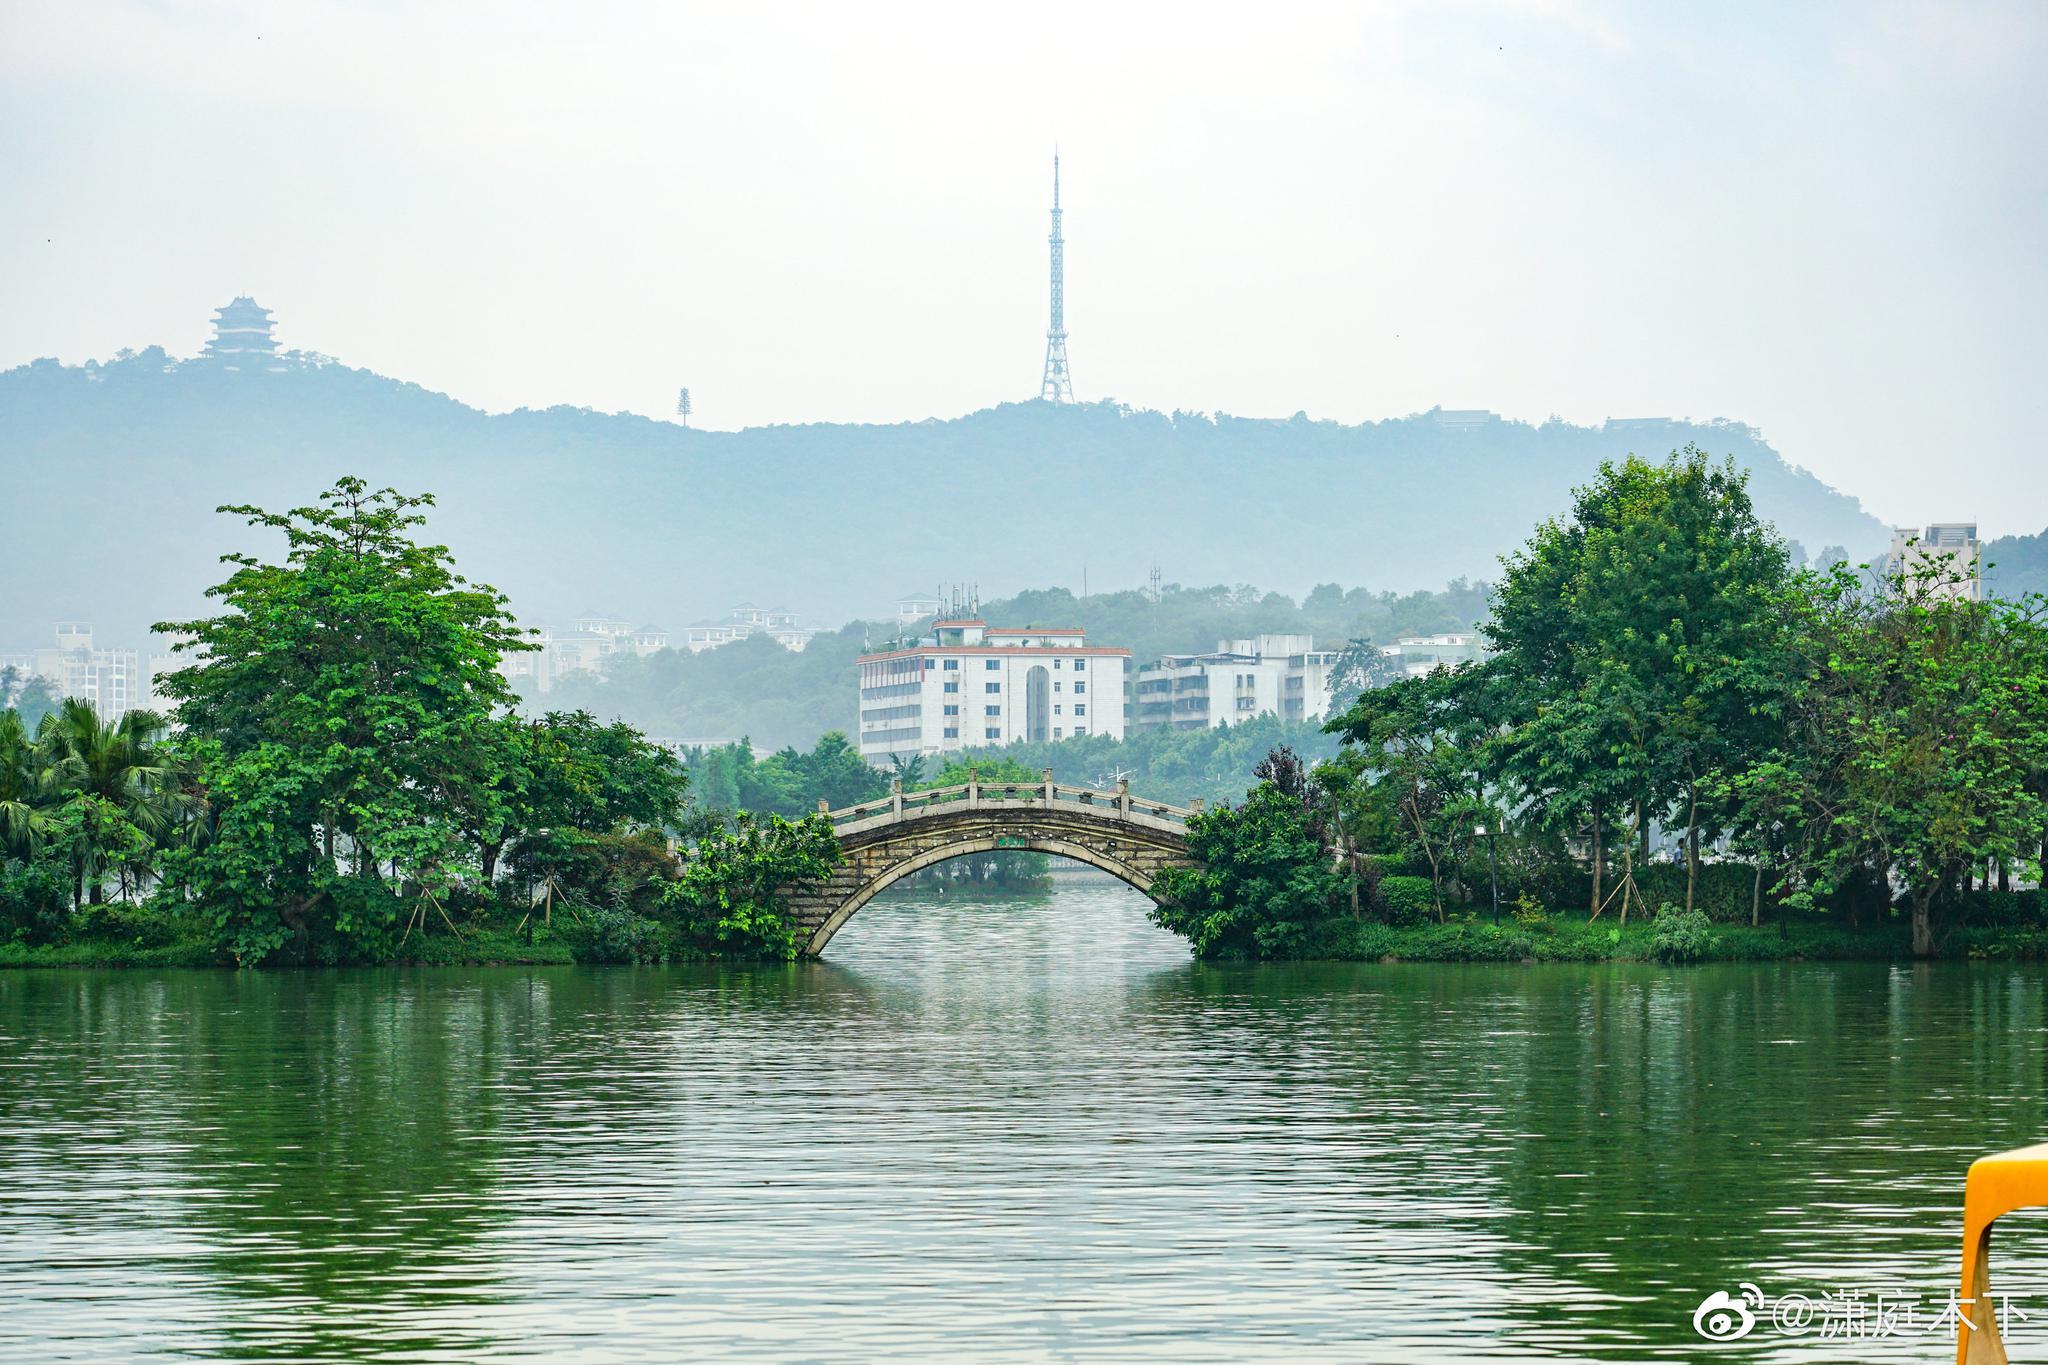 观鸟台,泗洲塔,惠州西湖风光